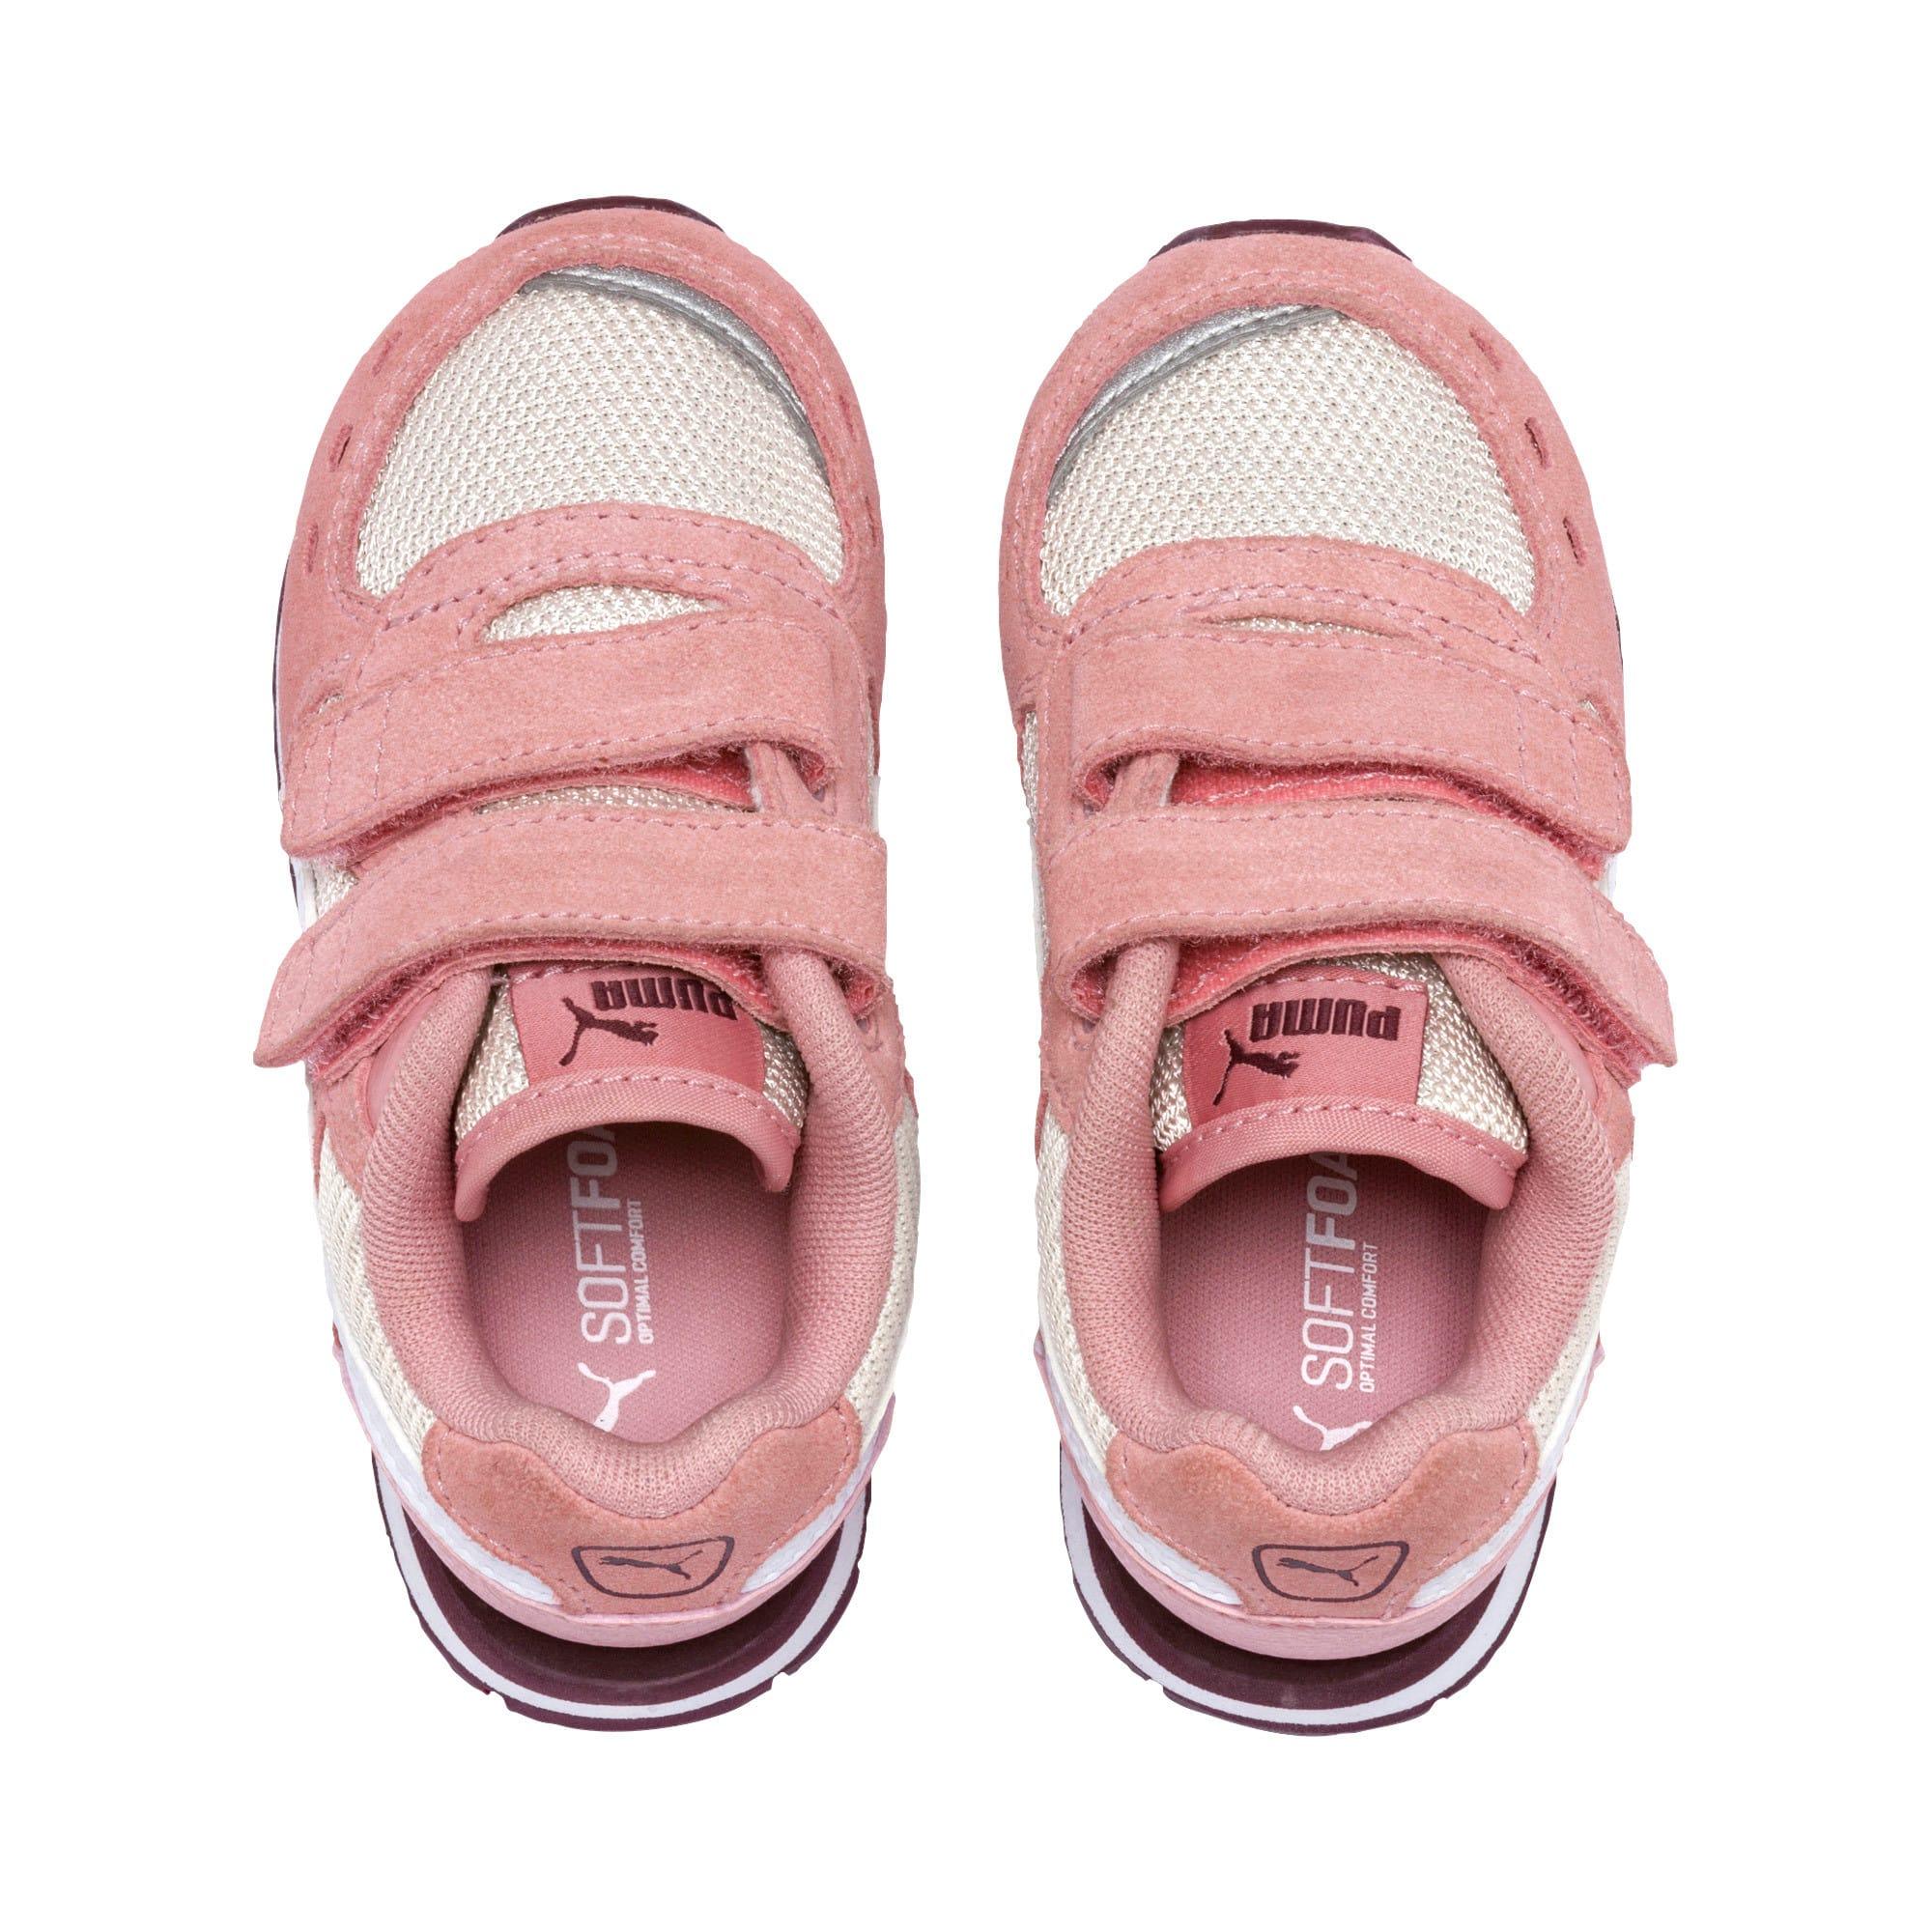 Miniatura 6 de Zapatos Vista para bebé, Bridal Rose-Puma White, mediano